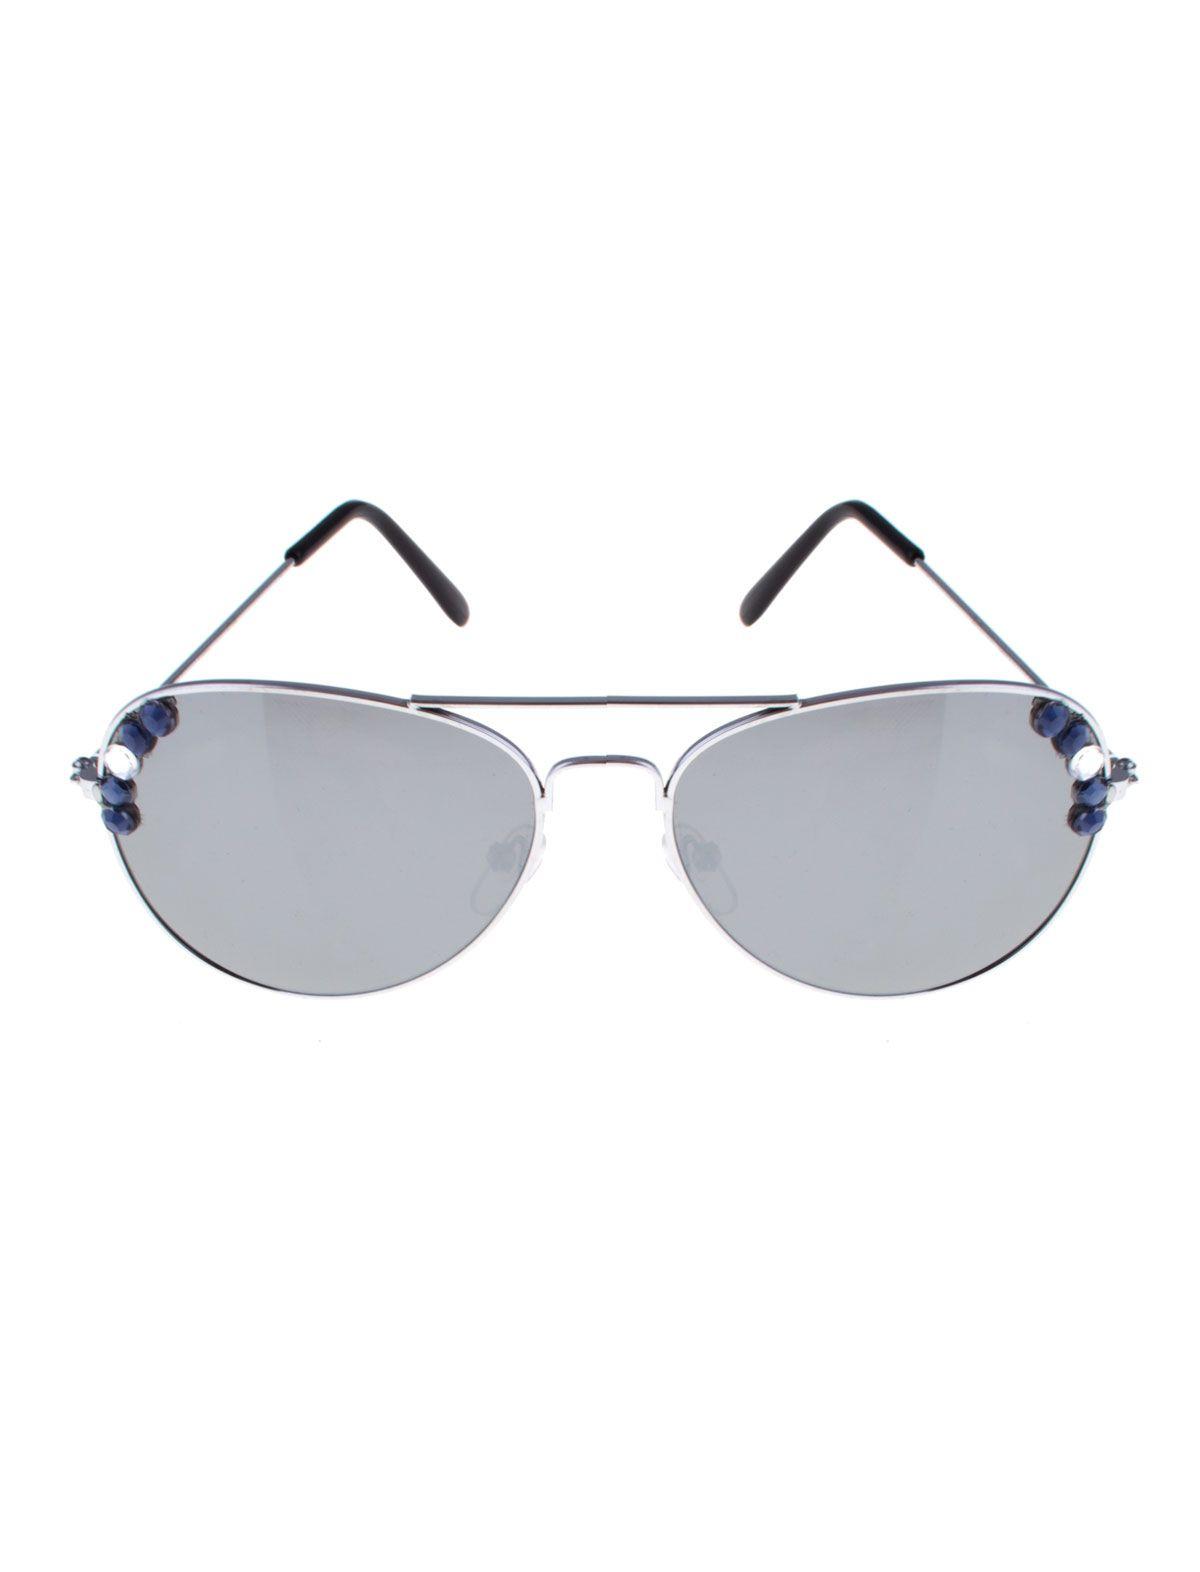 Brille mit Spiegelglas